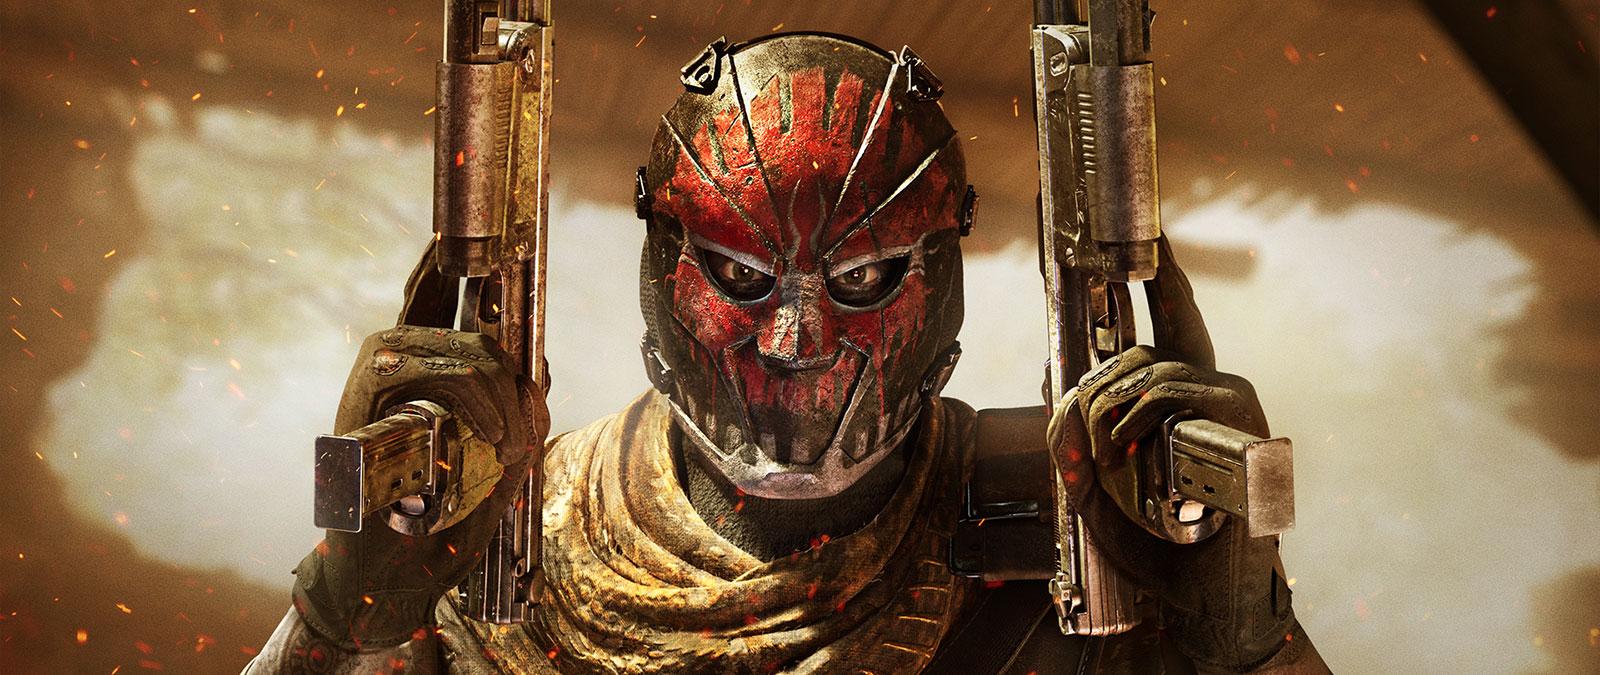 Postava v červené a černé masce drží dvě zbraně ve vzduchu, před otvorem s jiskrami létajícími okolo nich